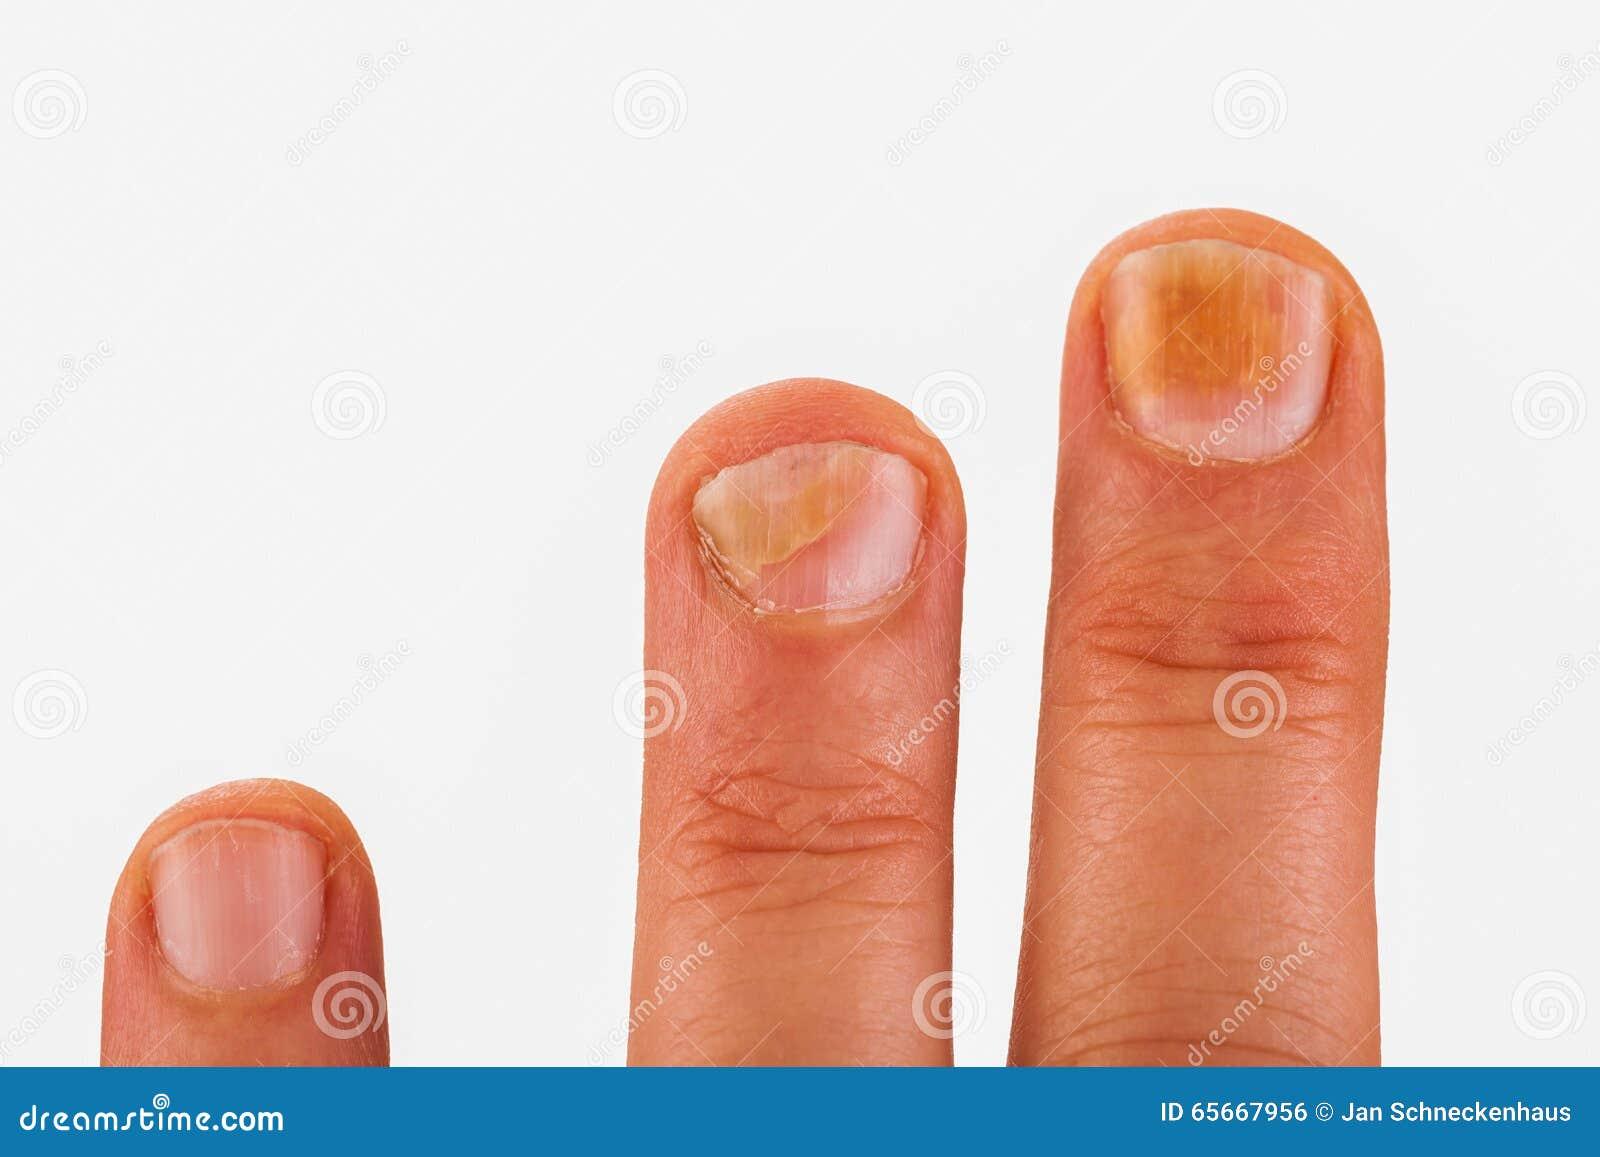 Fingernagel Mit Nagelpilz Stockfoto Bild Von Krankheit 65667956